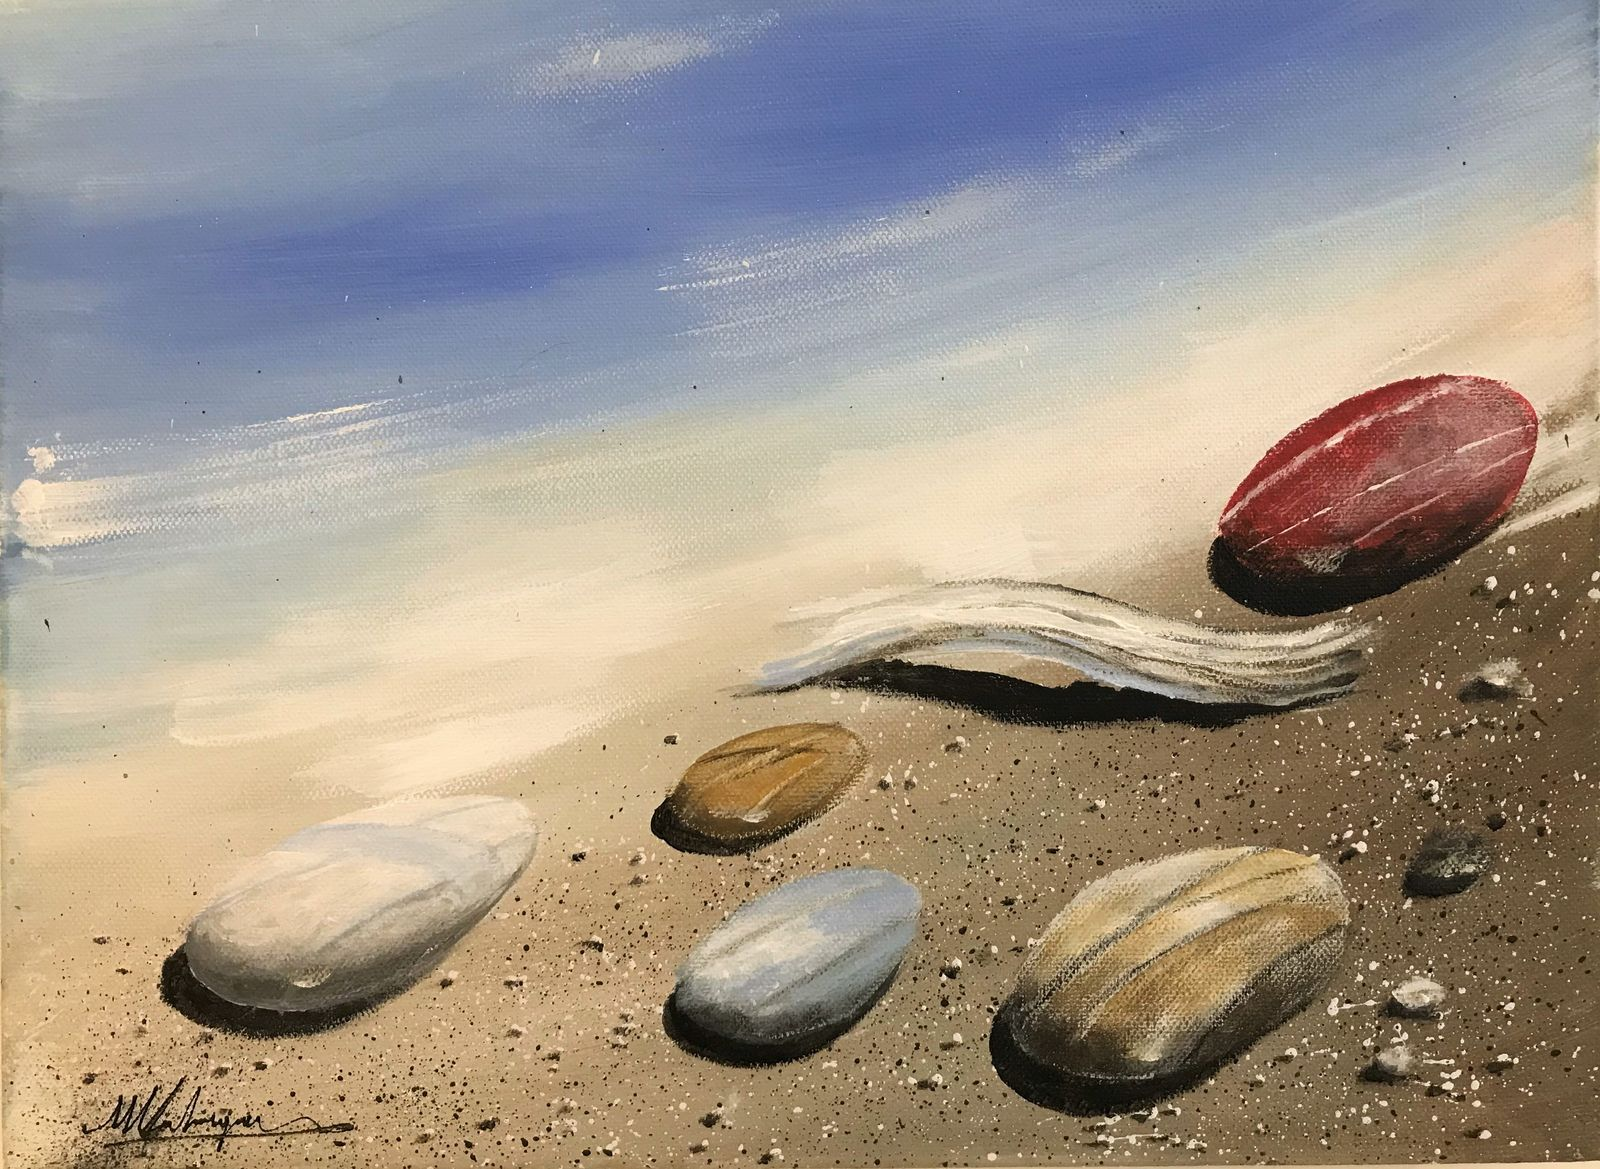 Μιχάλης Καλοκαιρινός 30×40 εκ Ακρυλικά σε καμβά Michael Kalokairinos 30×40 cm Acrylics on canvas